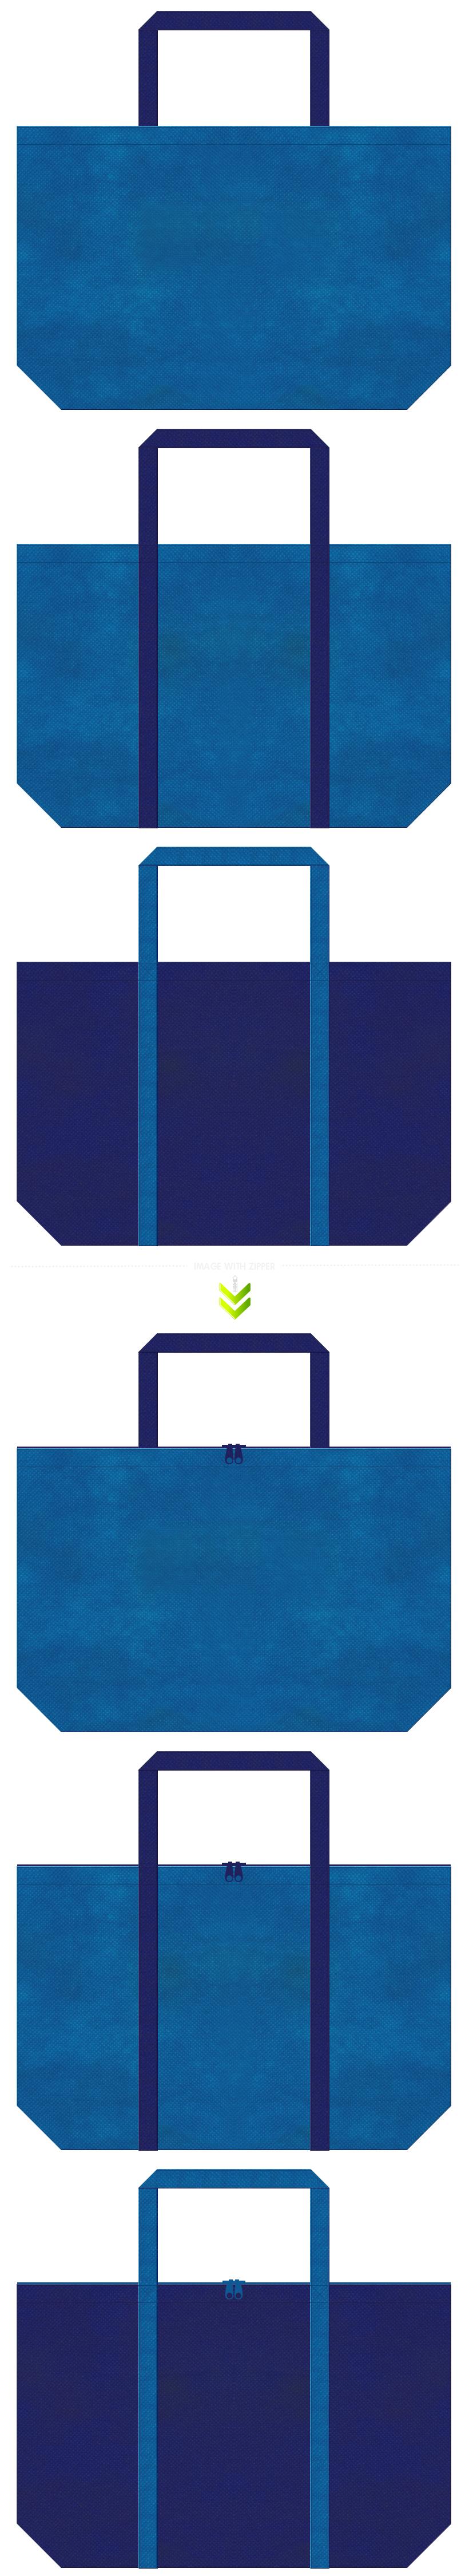 青魚・DHA・ダイビング・潜水艦・水族館・LED・IOT・センサー・人工知能・電子部品・情報セキュリティ・ドライブレコーダー・防犯カメラ・セキュリティの展示会用バッグにお奨めの不織布バッグデザイン:青色と明るい紺色のコーデ